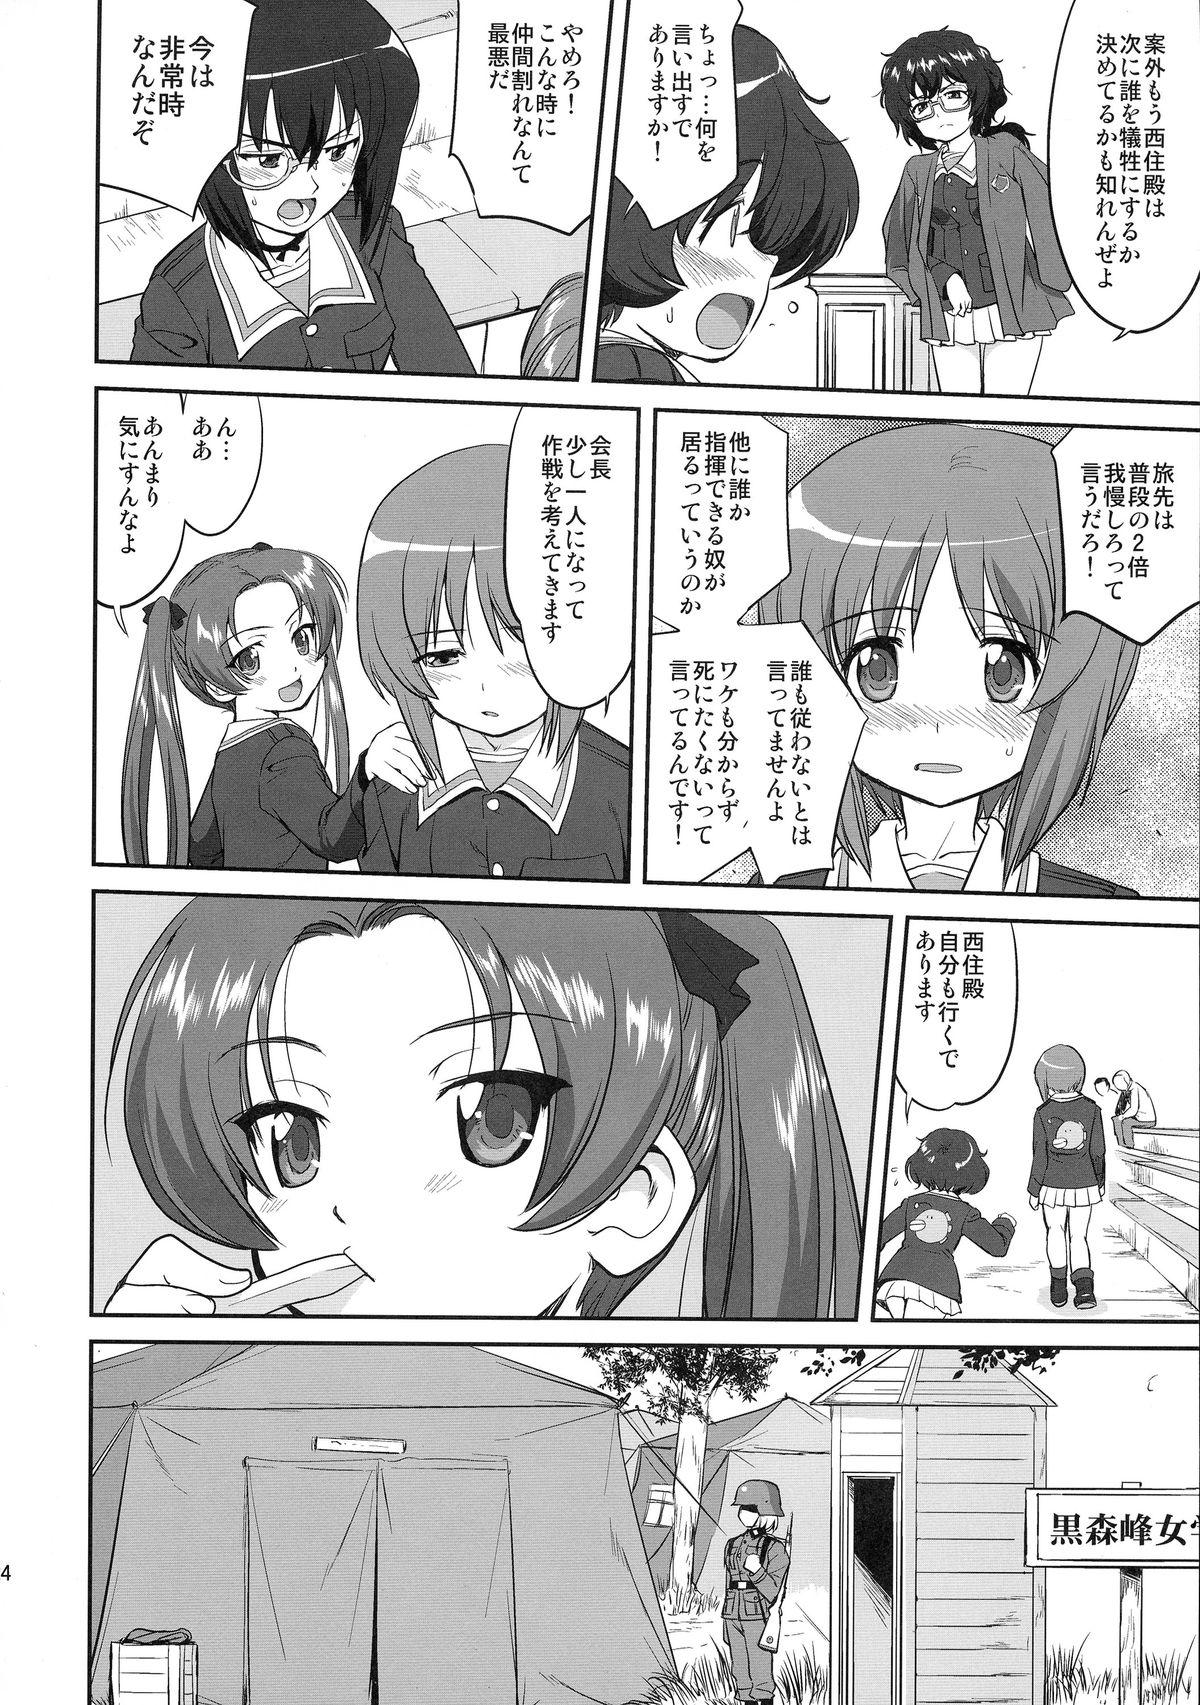 Yukiyukite Senshadou Battle of Pravda 23